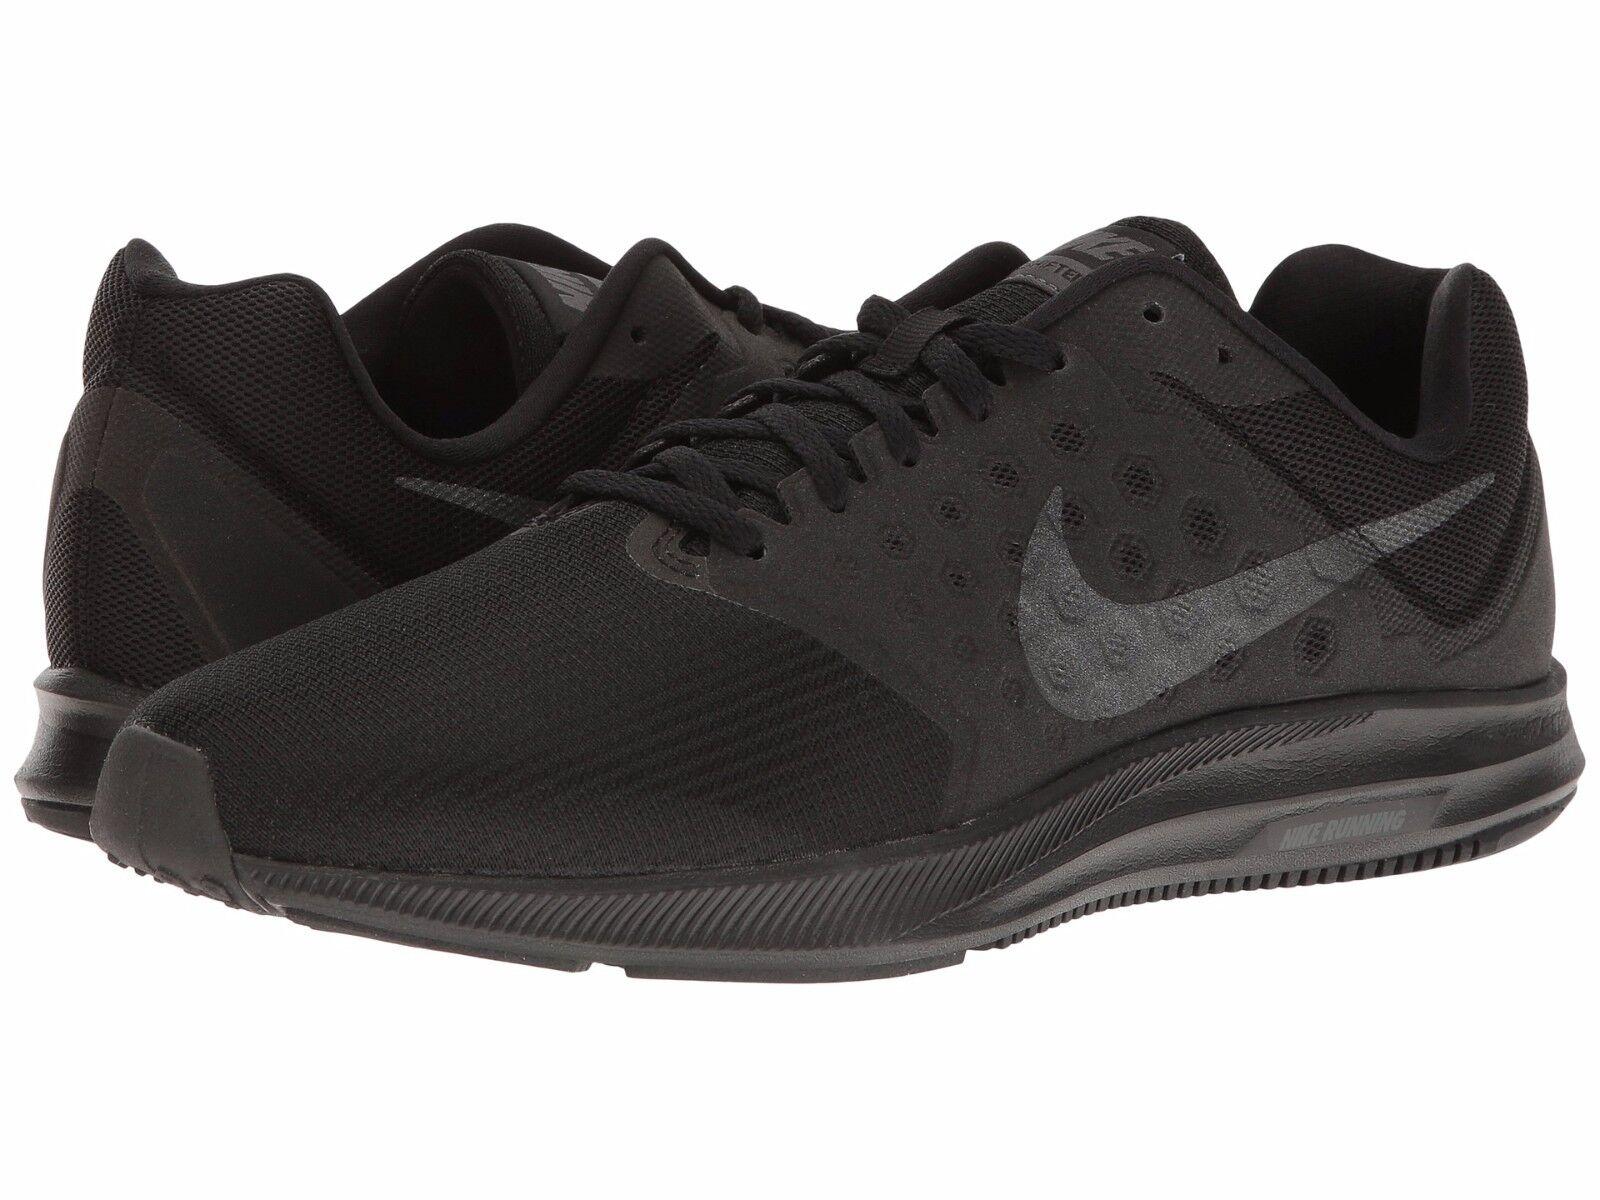 NIB Nike  Hombre Nike NIB Downshifter 7 Correr Tenis Dart Revolución iniciador Mediano y 4E negro c4ace6